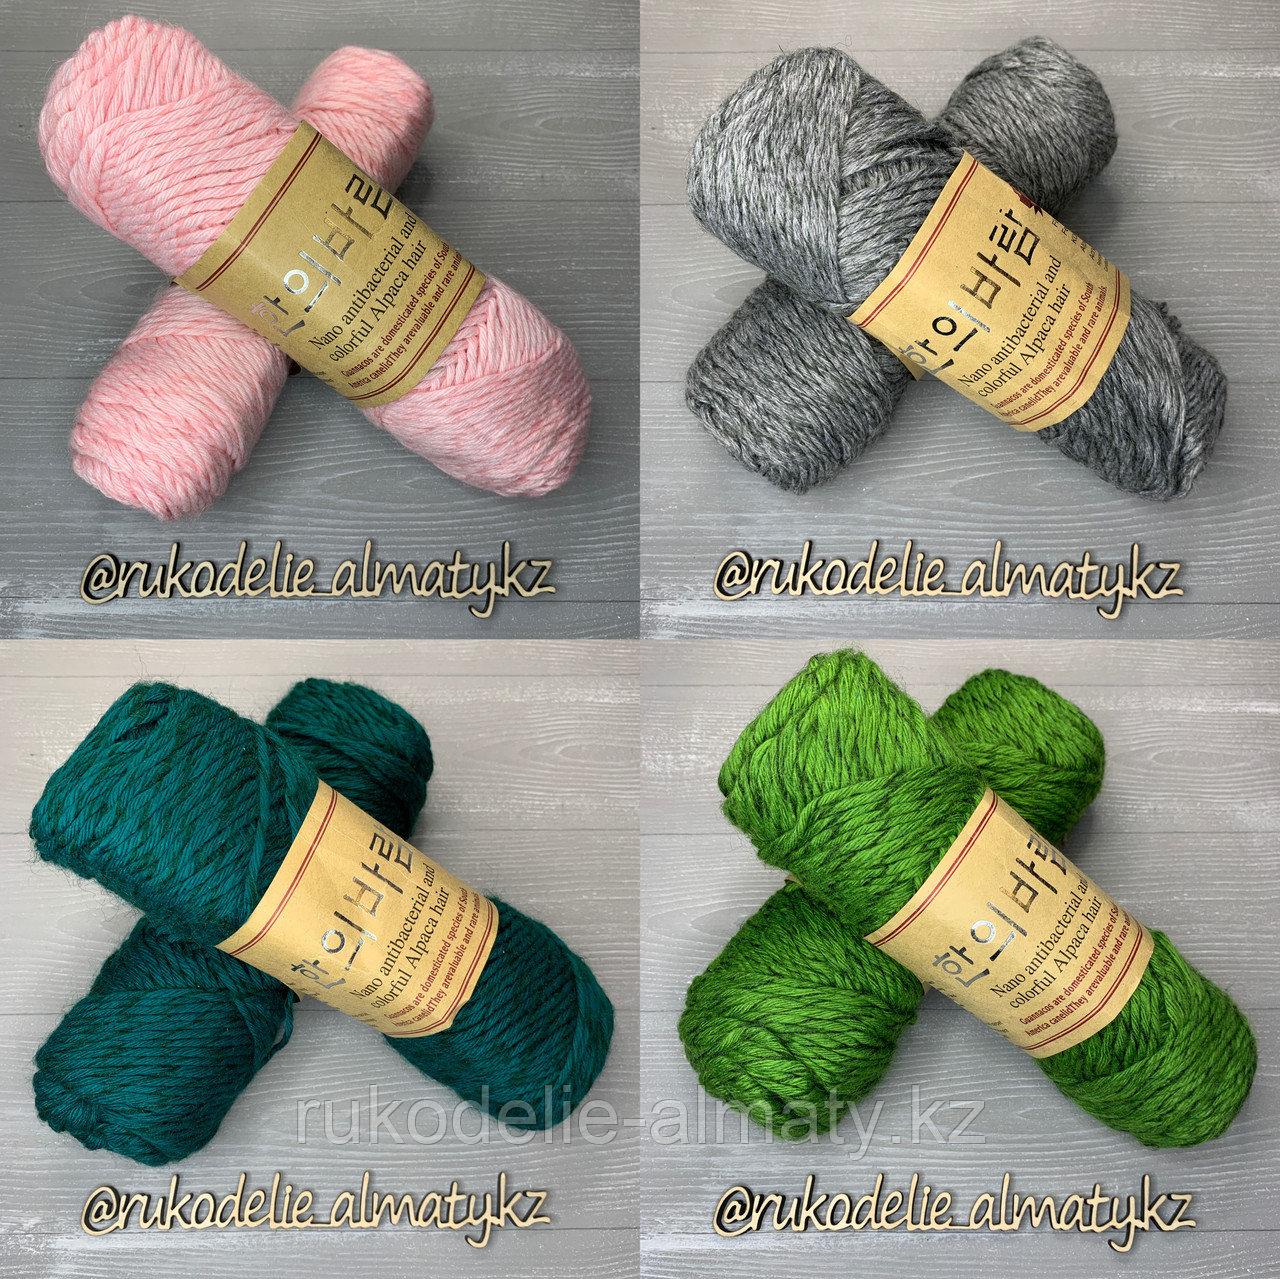 """Пряжа для ручного вязания """"NANO """", 100 гр, цвет-светло-серый салатовый - фото 2"""